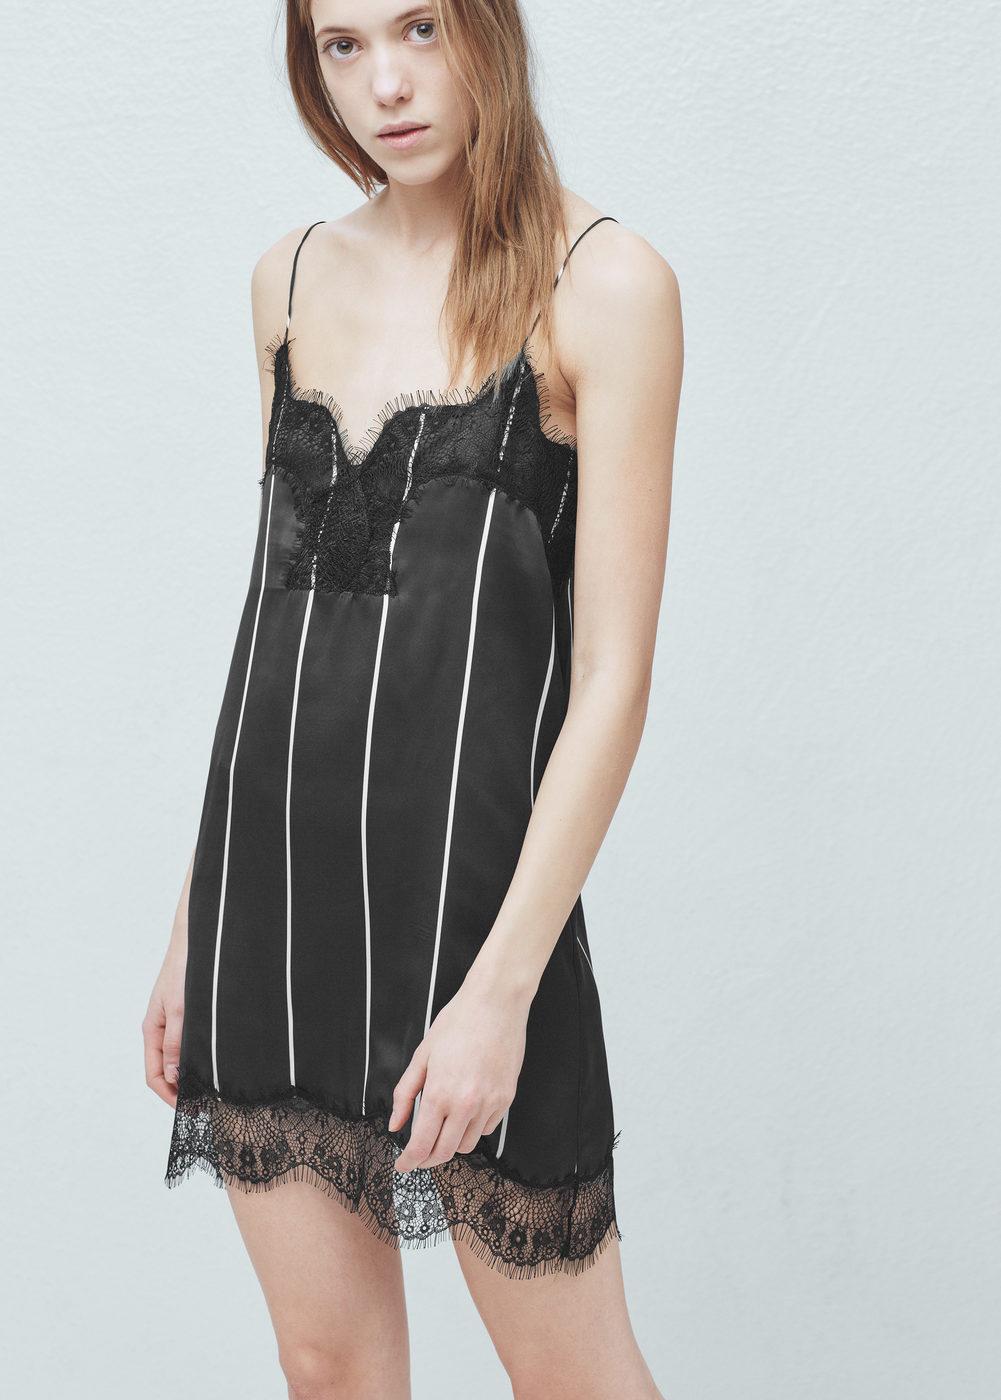 Lace trim dress - Women | MANGO USA